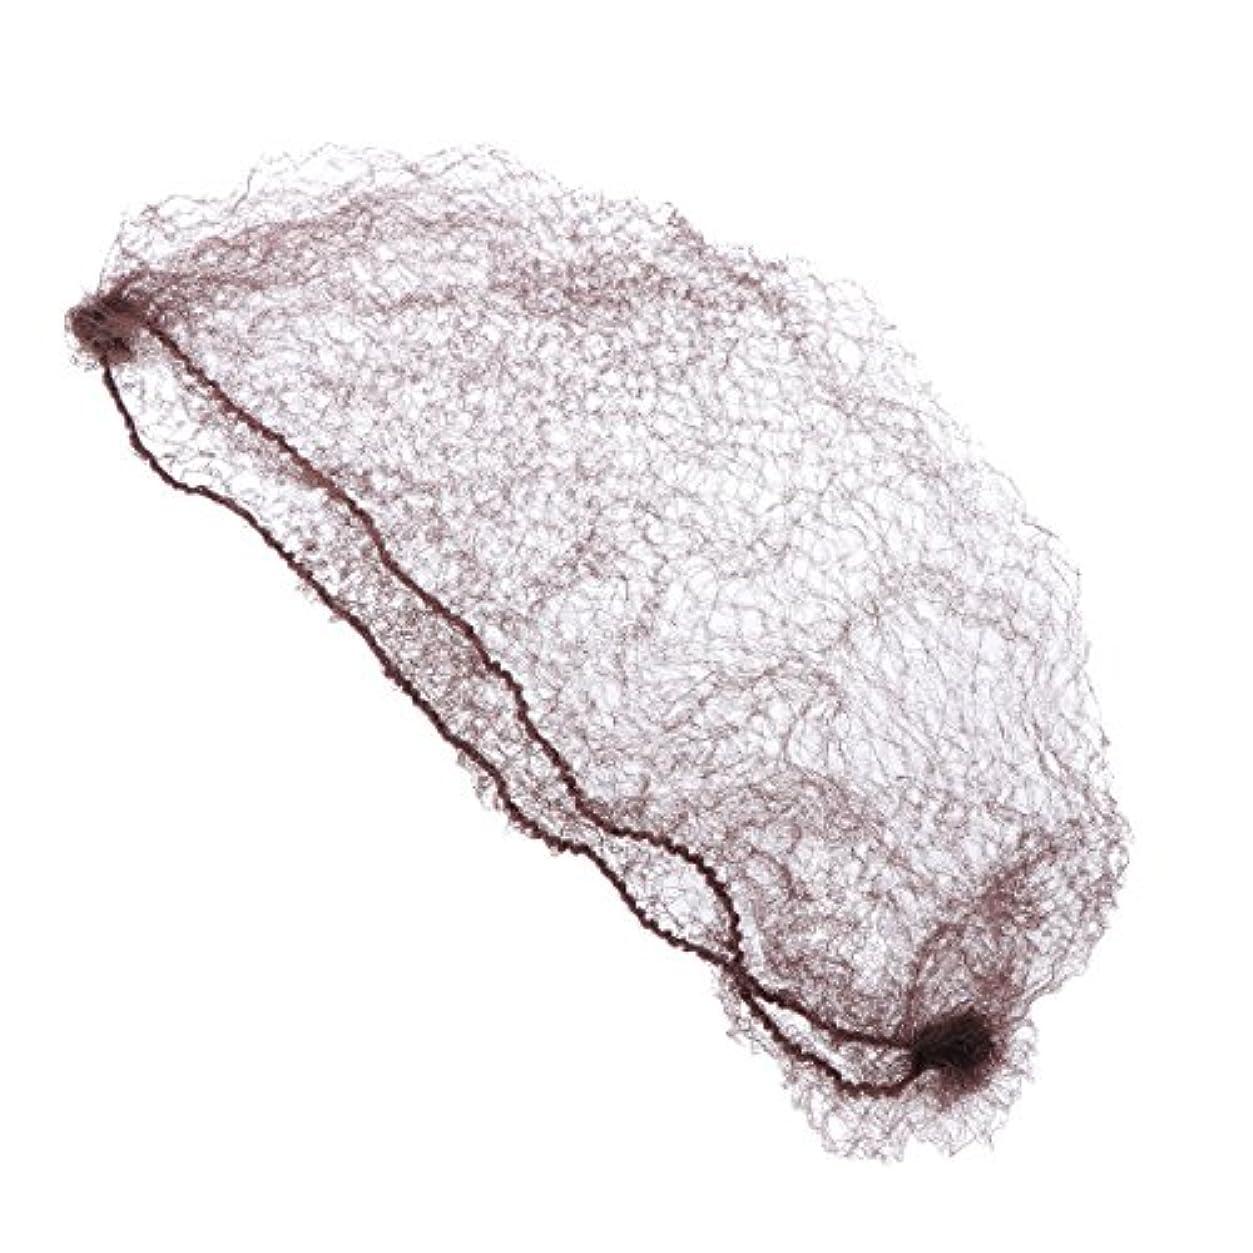 印象的な矢じり王女Frcolor ヘアネット 髪束ねネット 目に見えない 弾性 団子ドレスアップ アクセサリー 再利用可能 50本 (コーヒー/ 50cm)